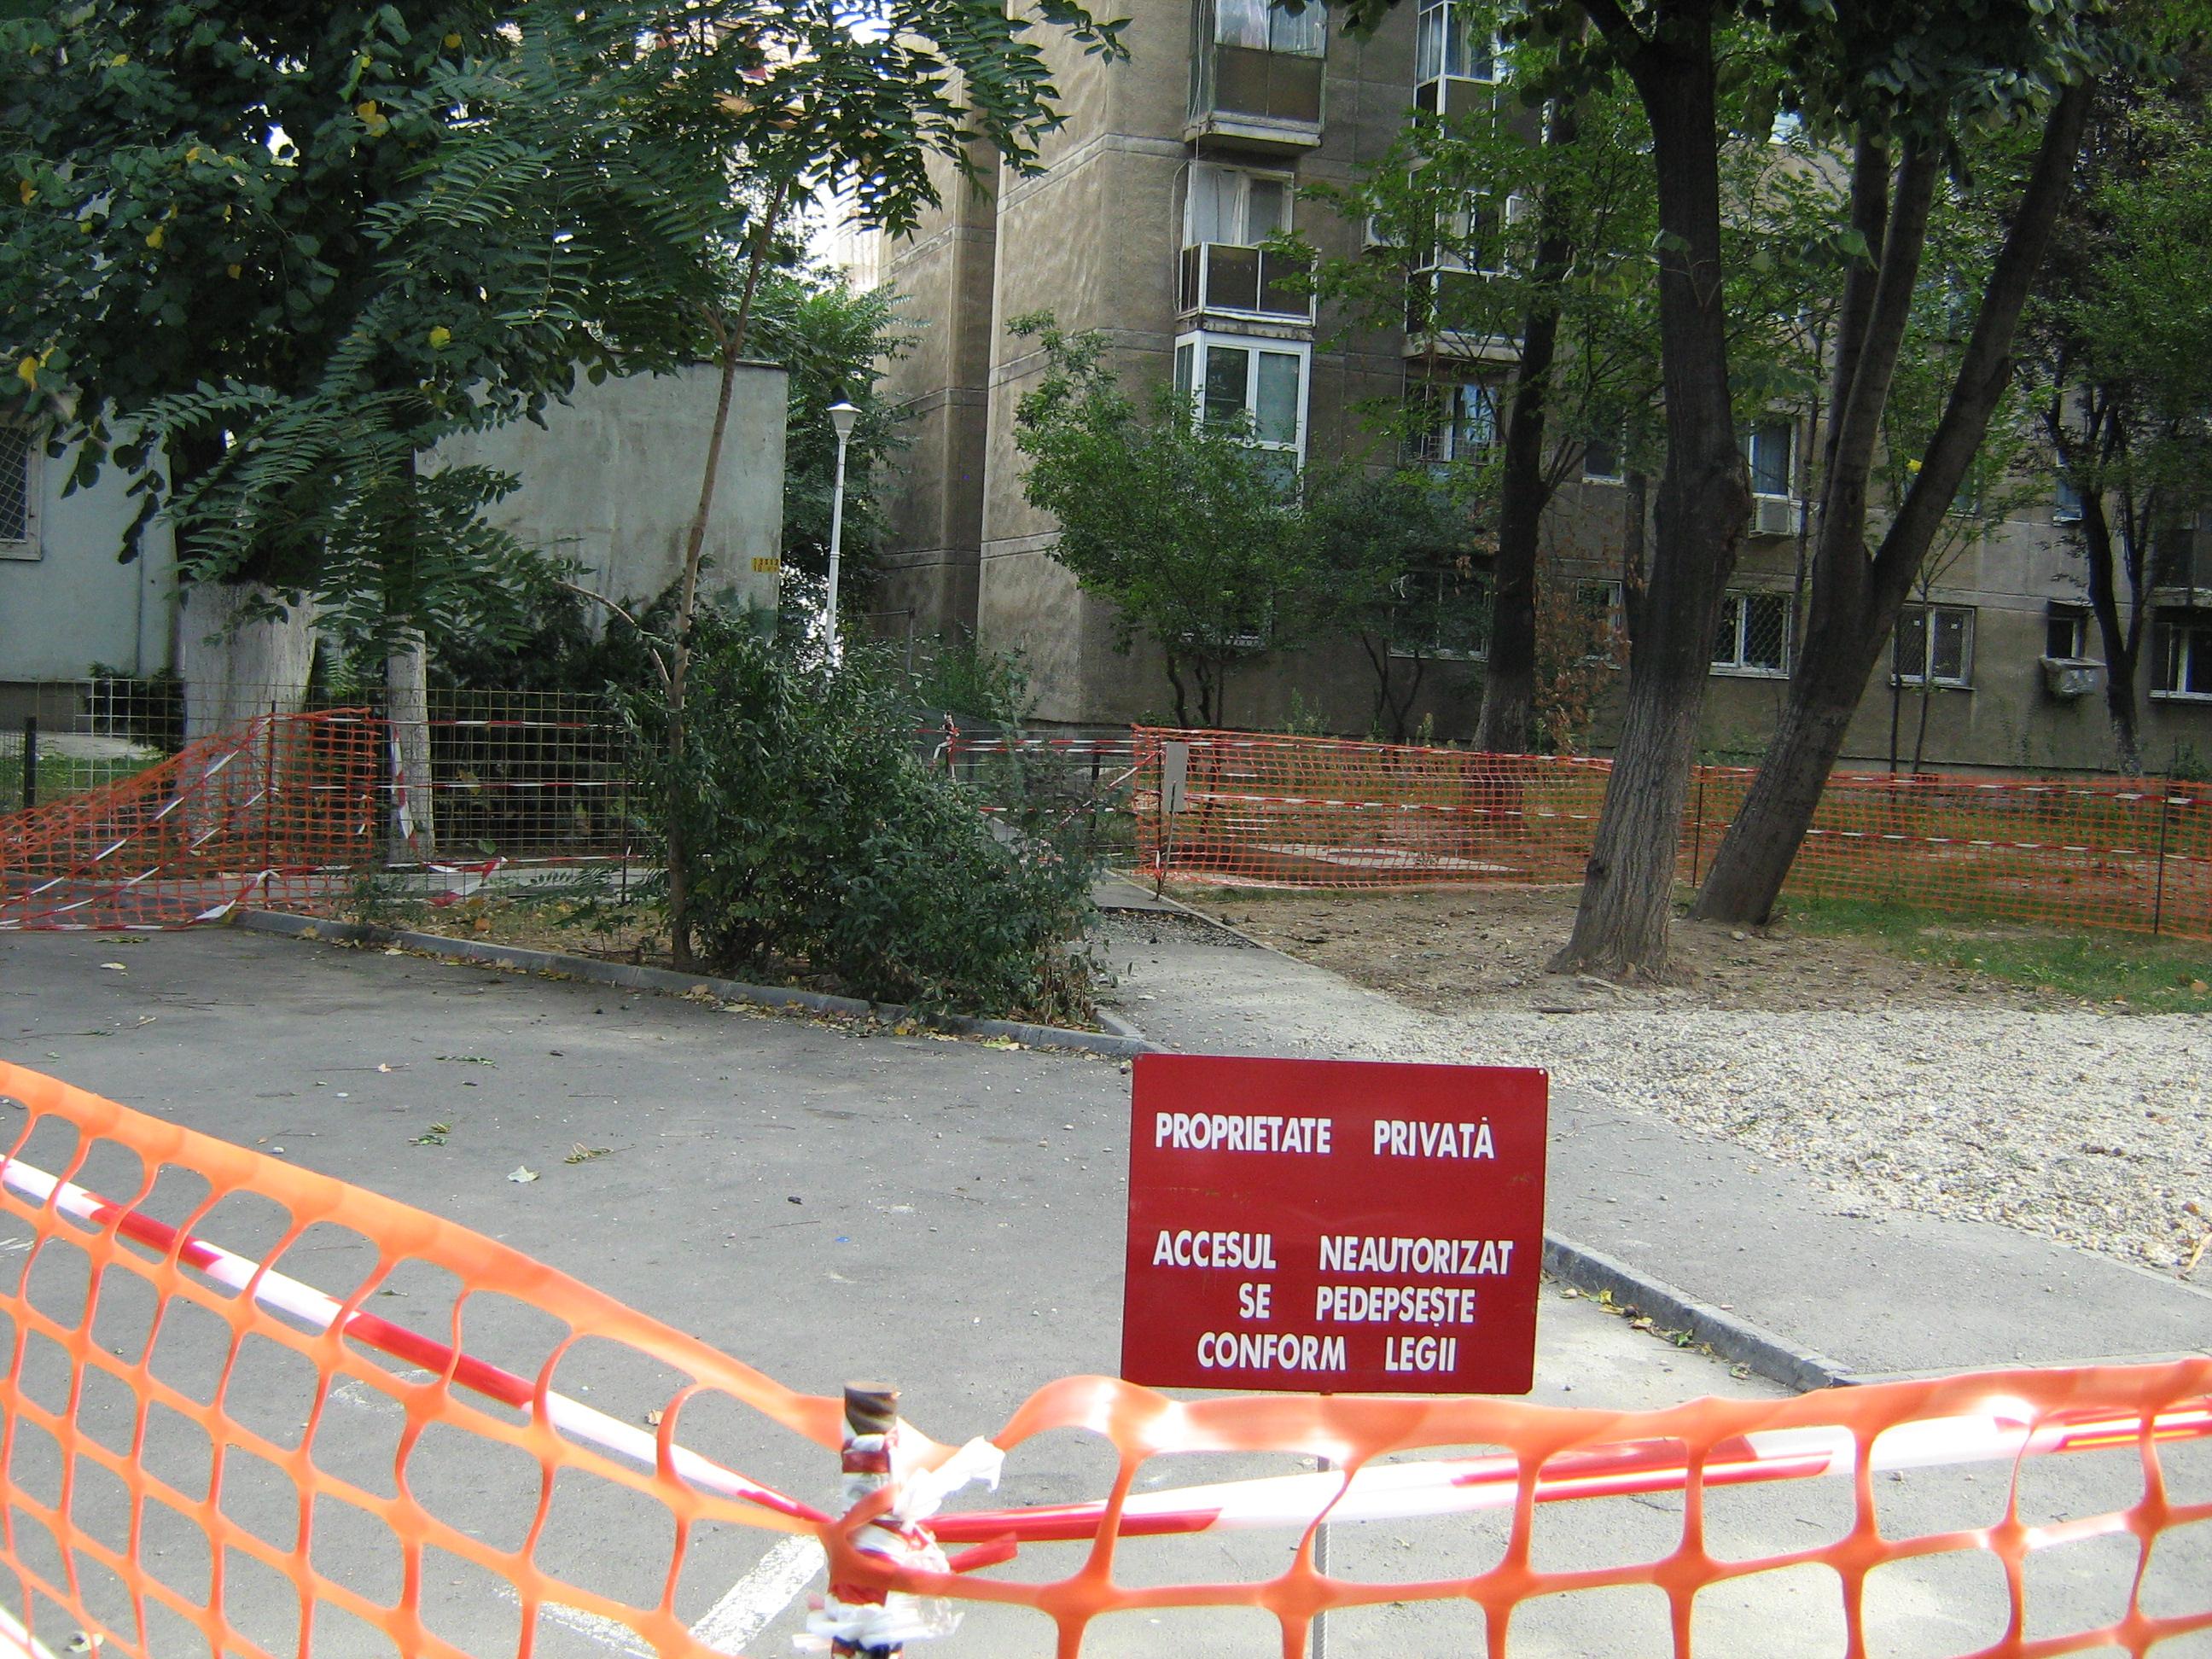 Acolo unde unii au văzut domeniu public, alţii au văzut un loc numai bun de retrocedat. O parcare, o alee şi câţiva copaci au devenit proprietatea privată a unui bucureştean care a cerut retrocedarea în natură a unui teren din cartierul Dorobanţi.